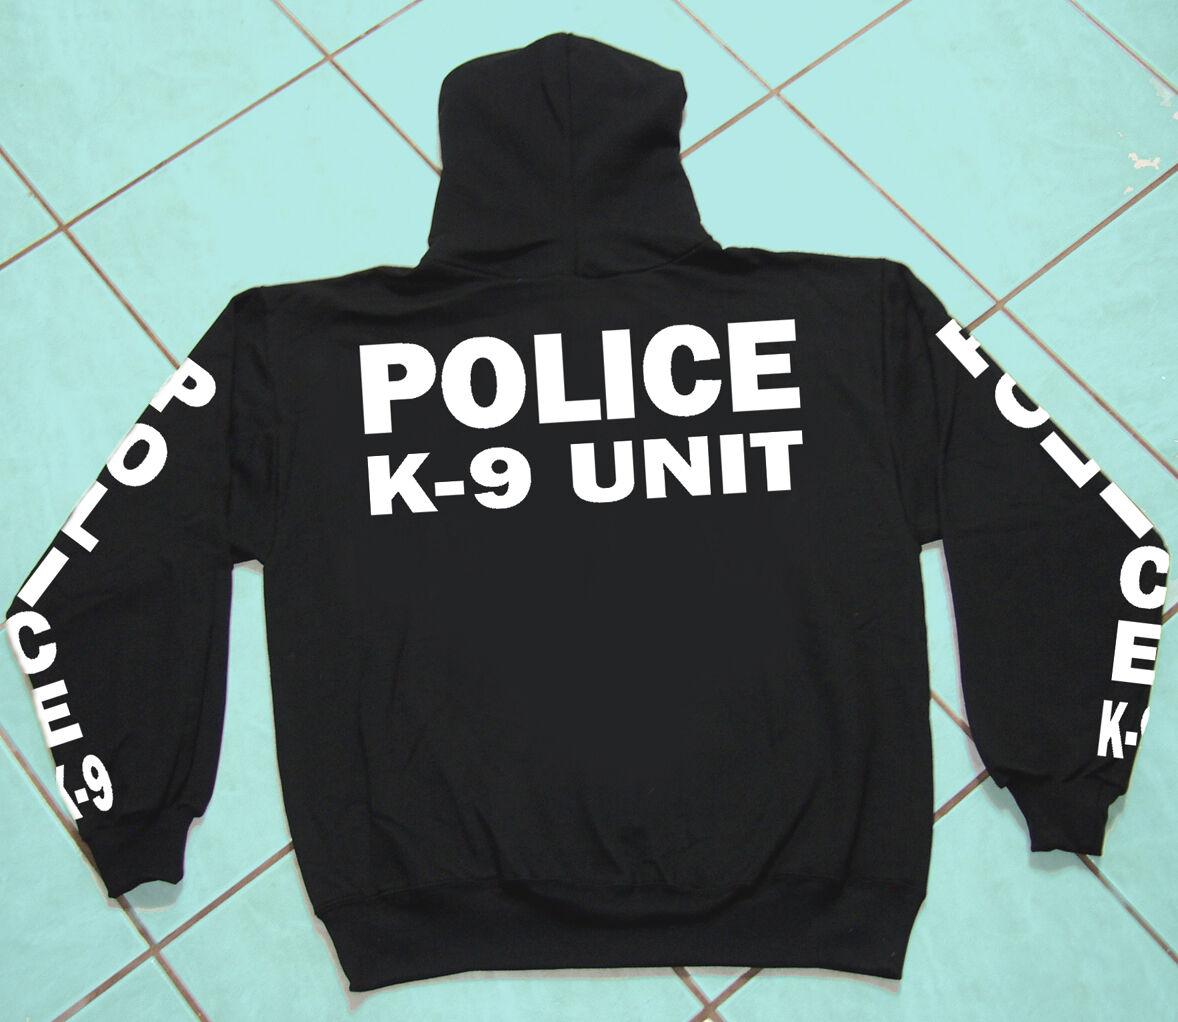 Police K-9 Unit, Hooded Sweat Shirt, Geschäft, Professional, Heavy Weight Gildan